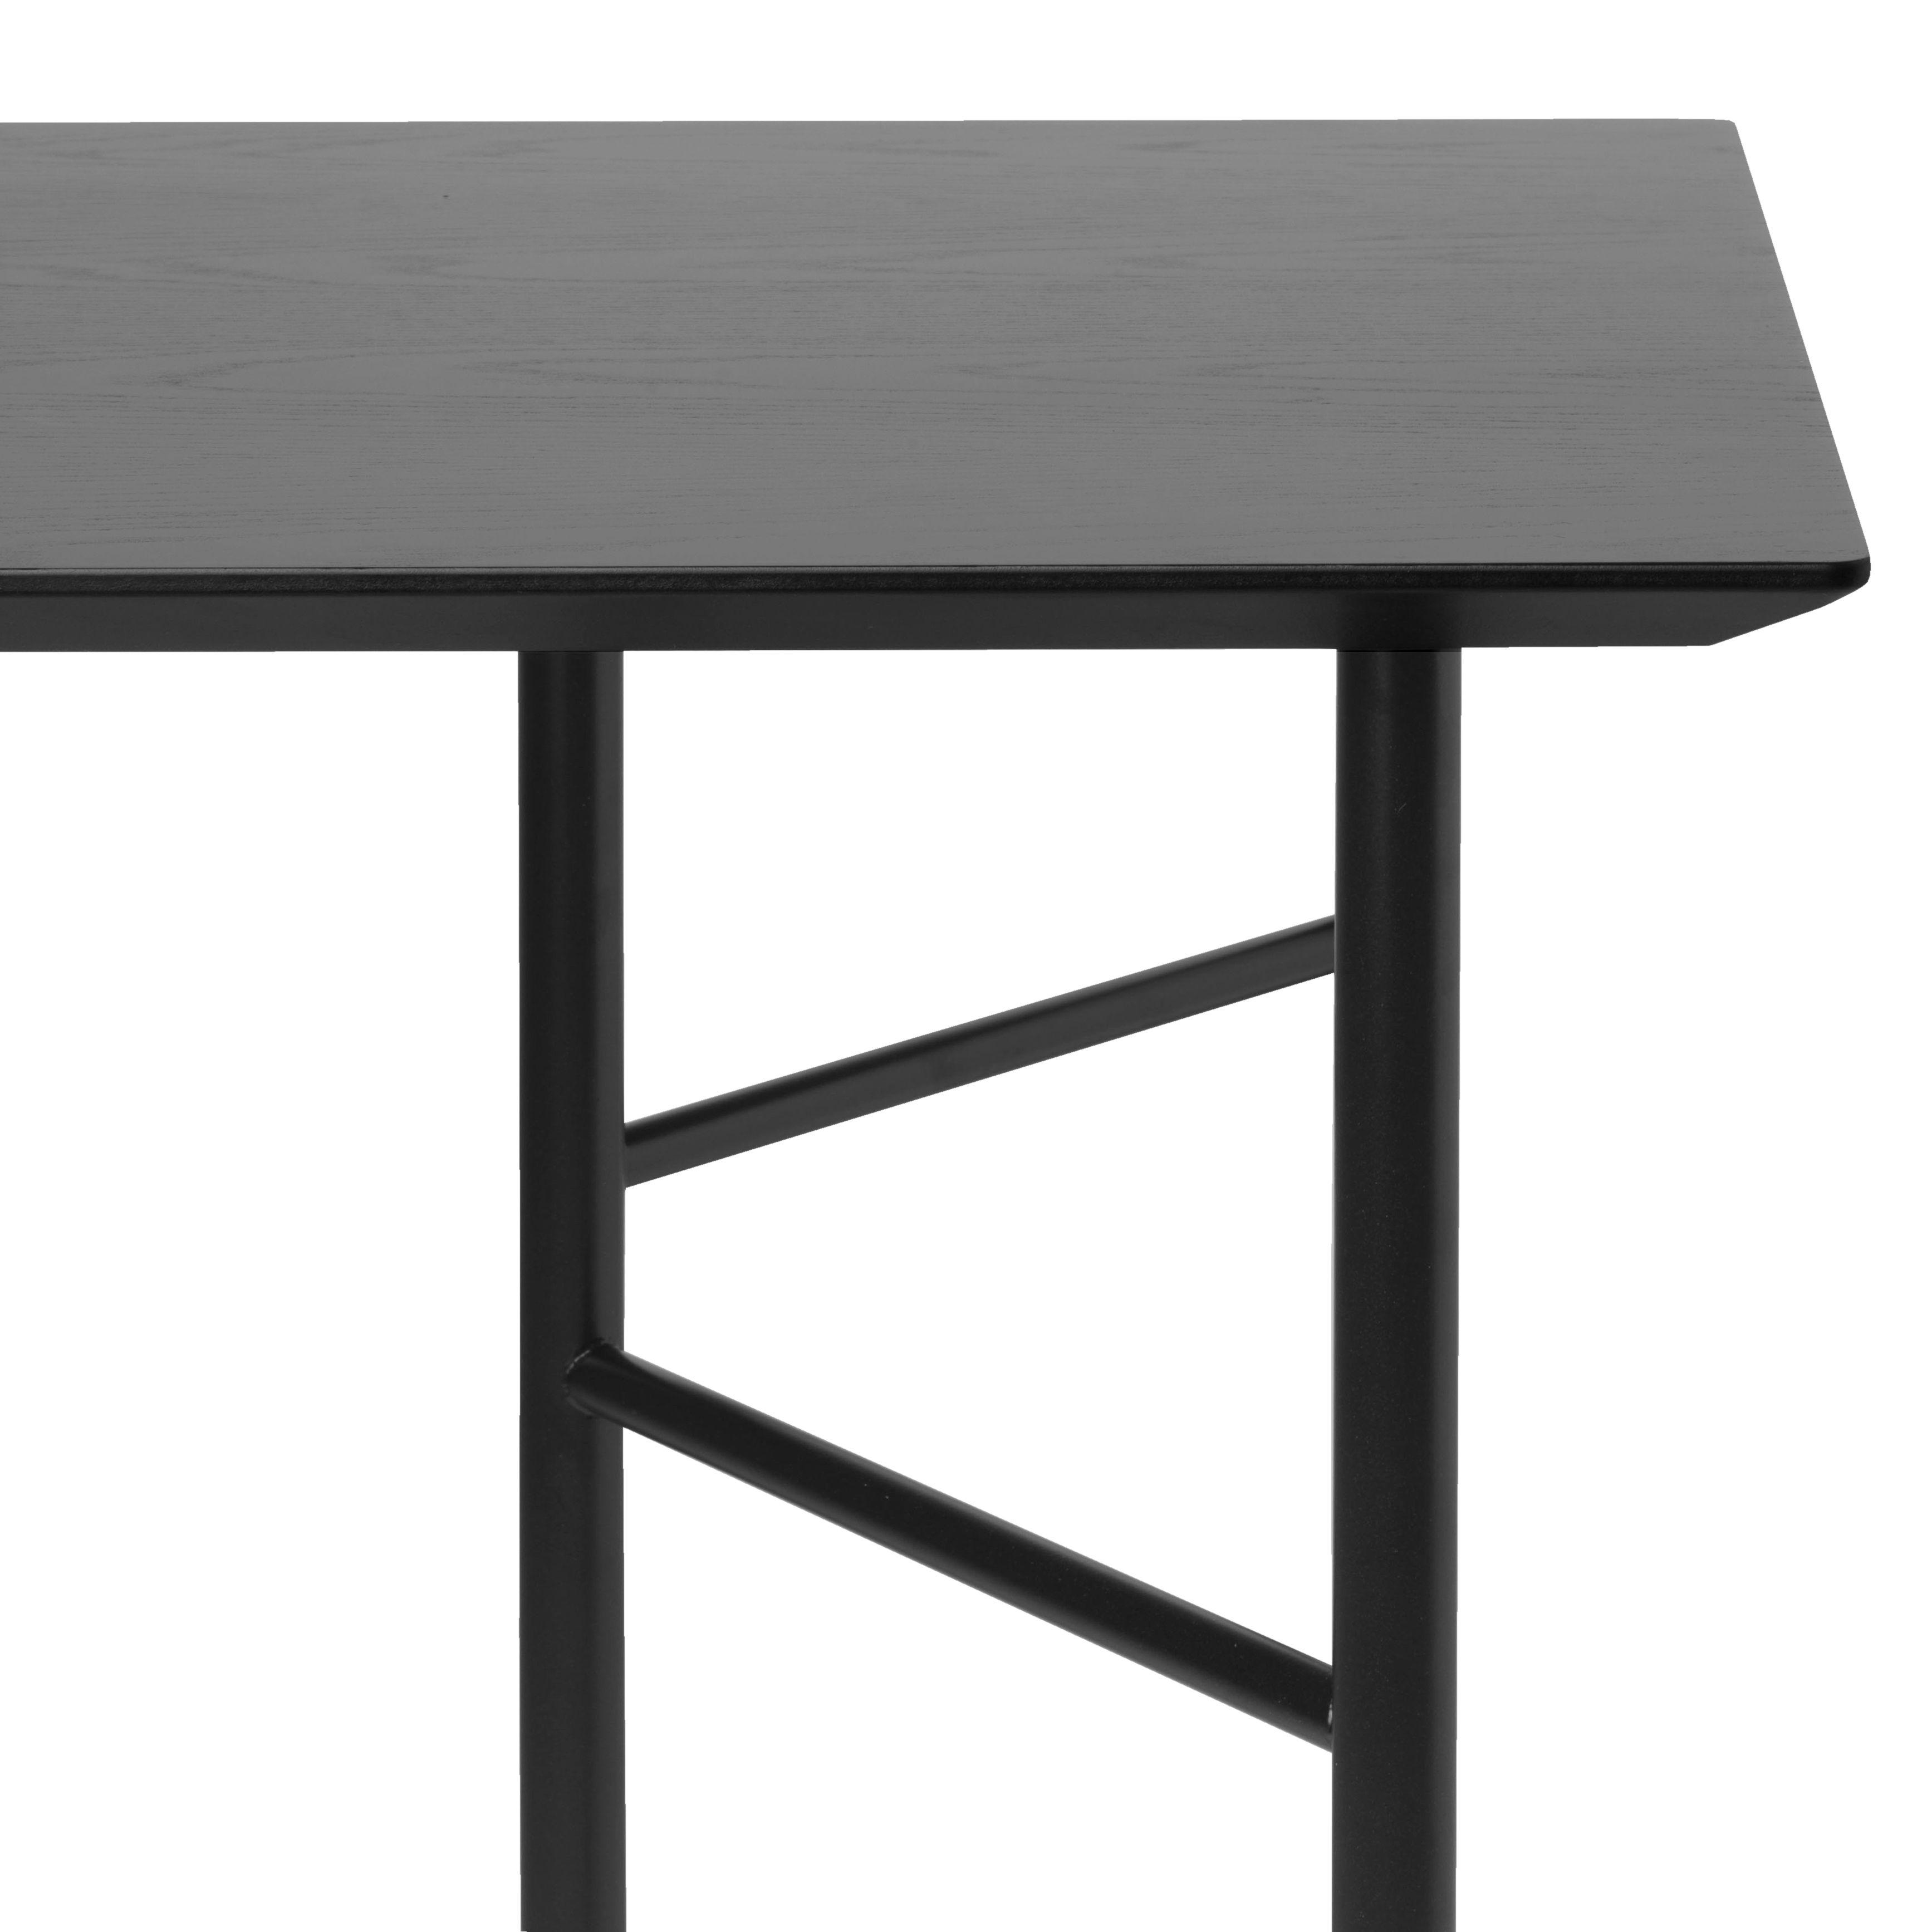 Mobilier - Bureaux - Plateau de table / Pour tréteaux Mingle Large - 160 x 90 cm - Ferm Living - Plateau 160x90 cm / Noir - MDF plaqué chêne laqué